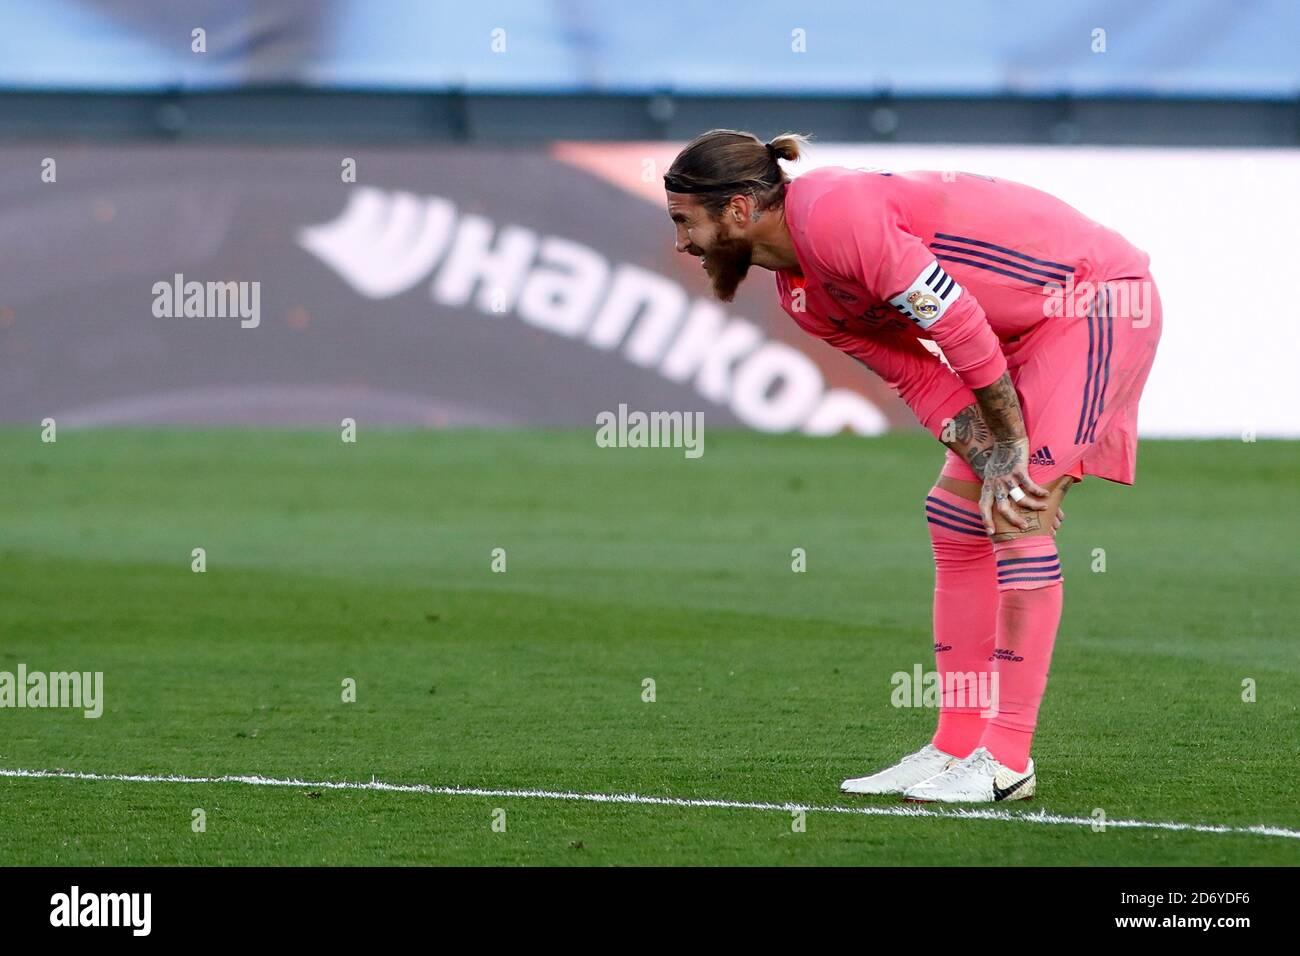 Ergio Ramos del Real Madrid durante el Campeonato de España la Liga de fútbol entre el Real Madrid y Cádiz CF el 17 de octubre de 2020 en Alfredo Di Foto de stock